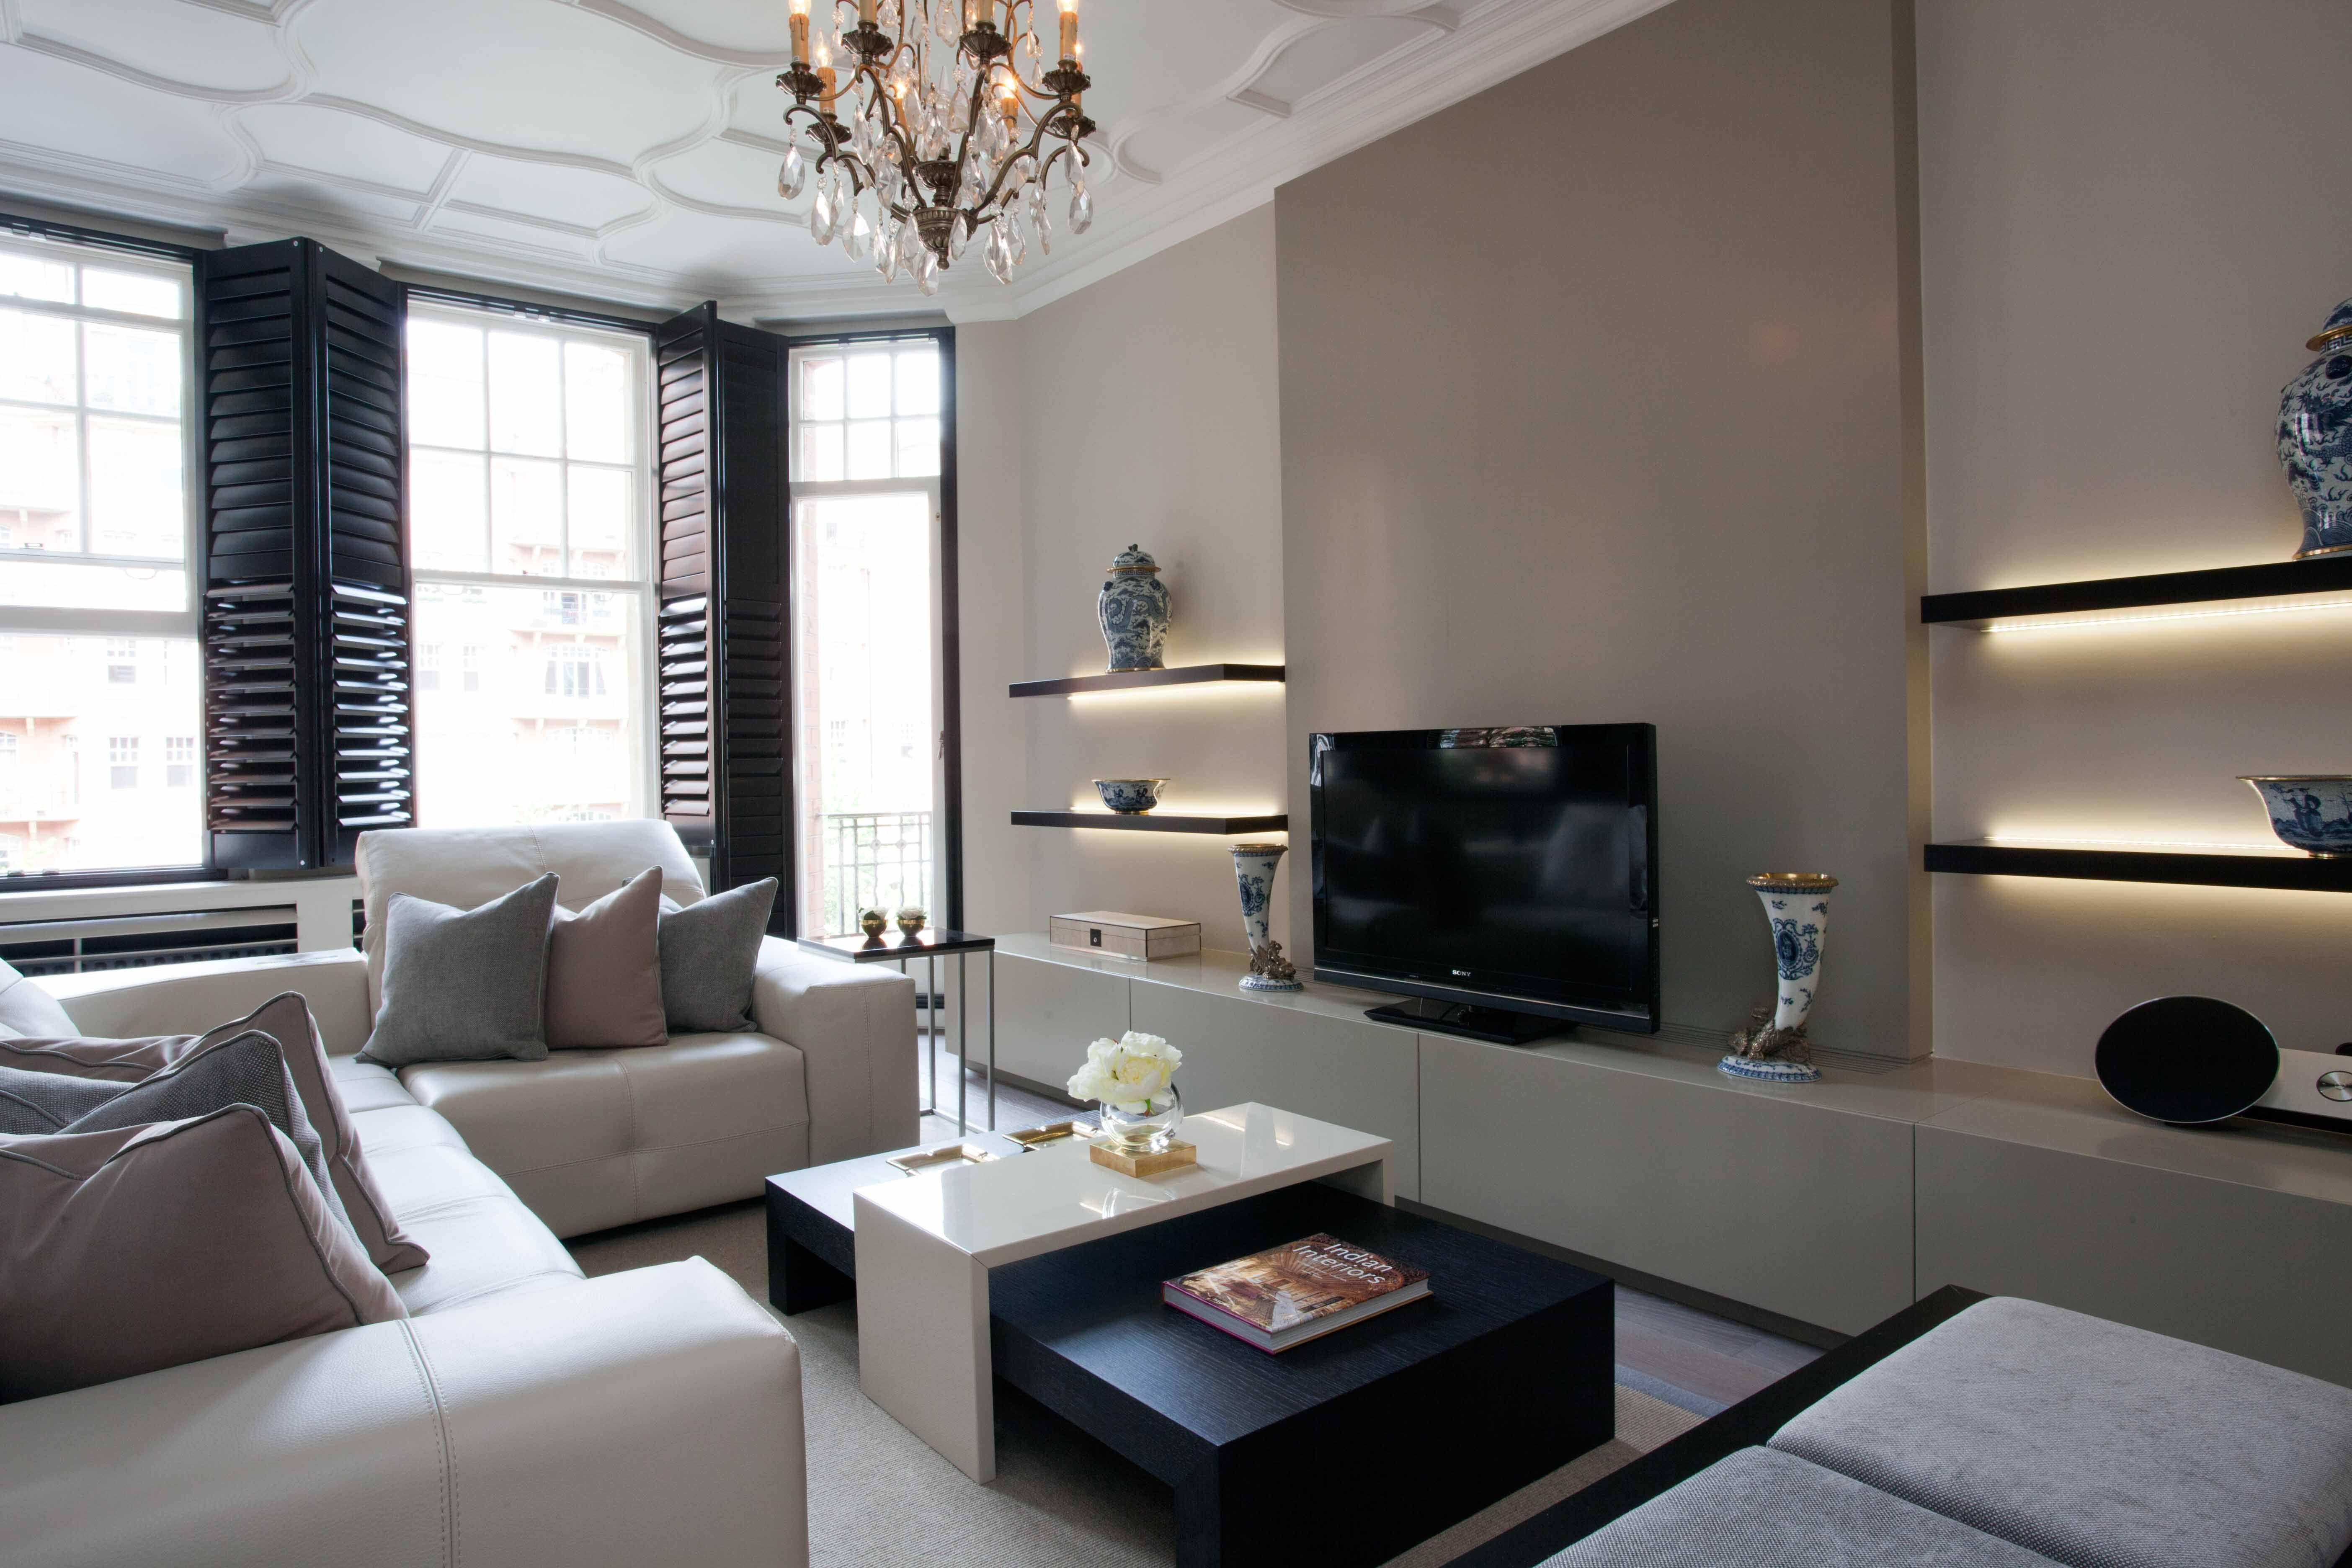 Luxury Studio Apartment Interior Design Novocom Top